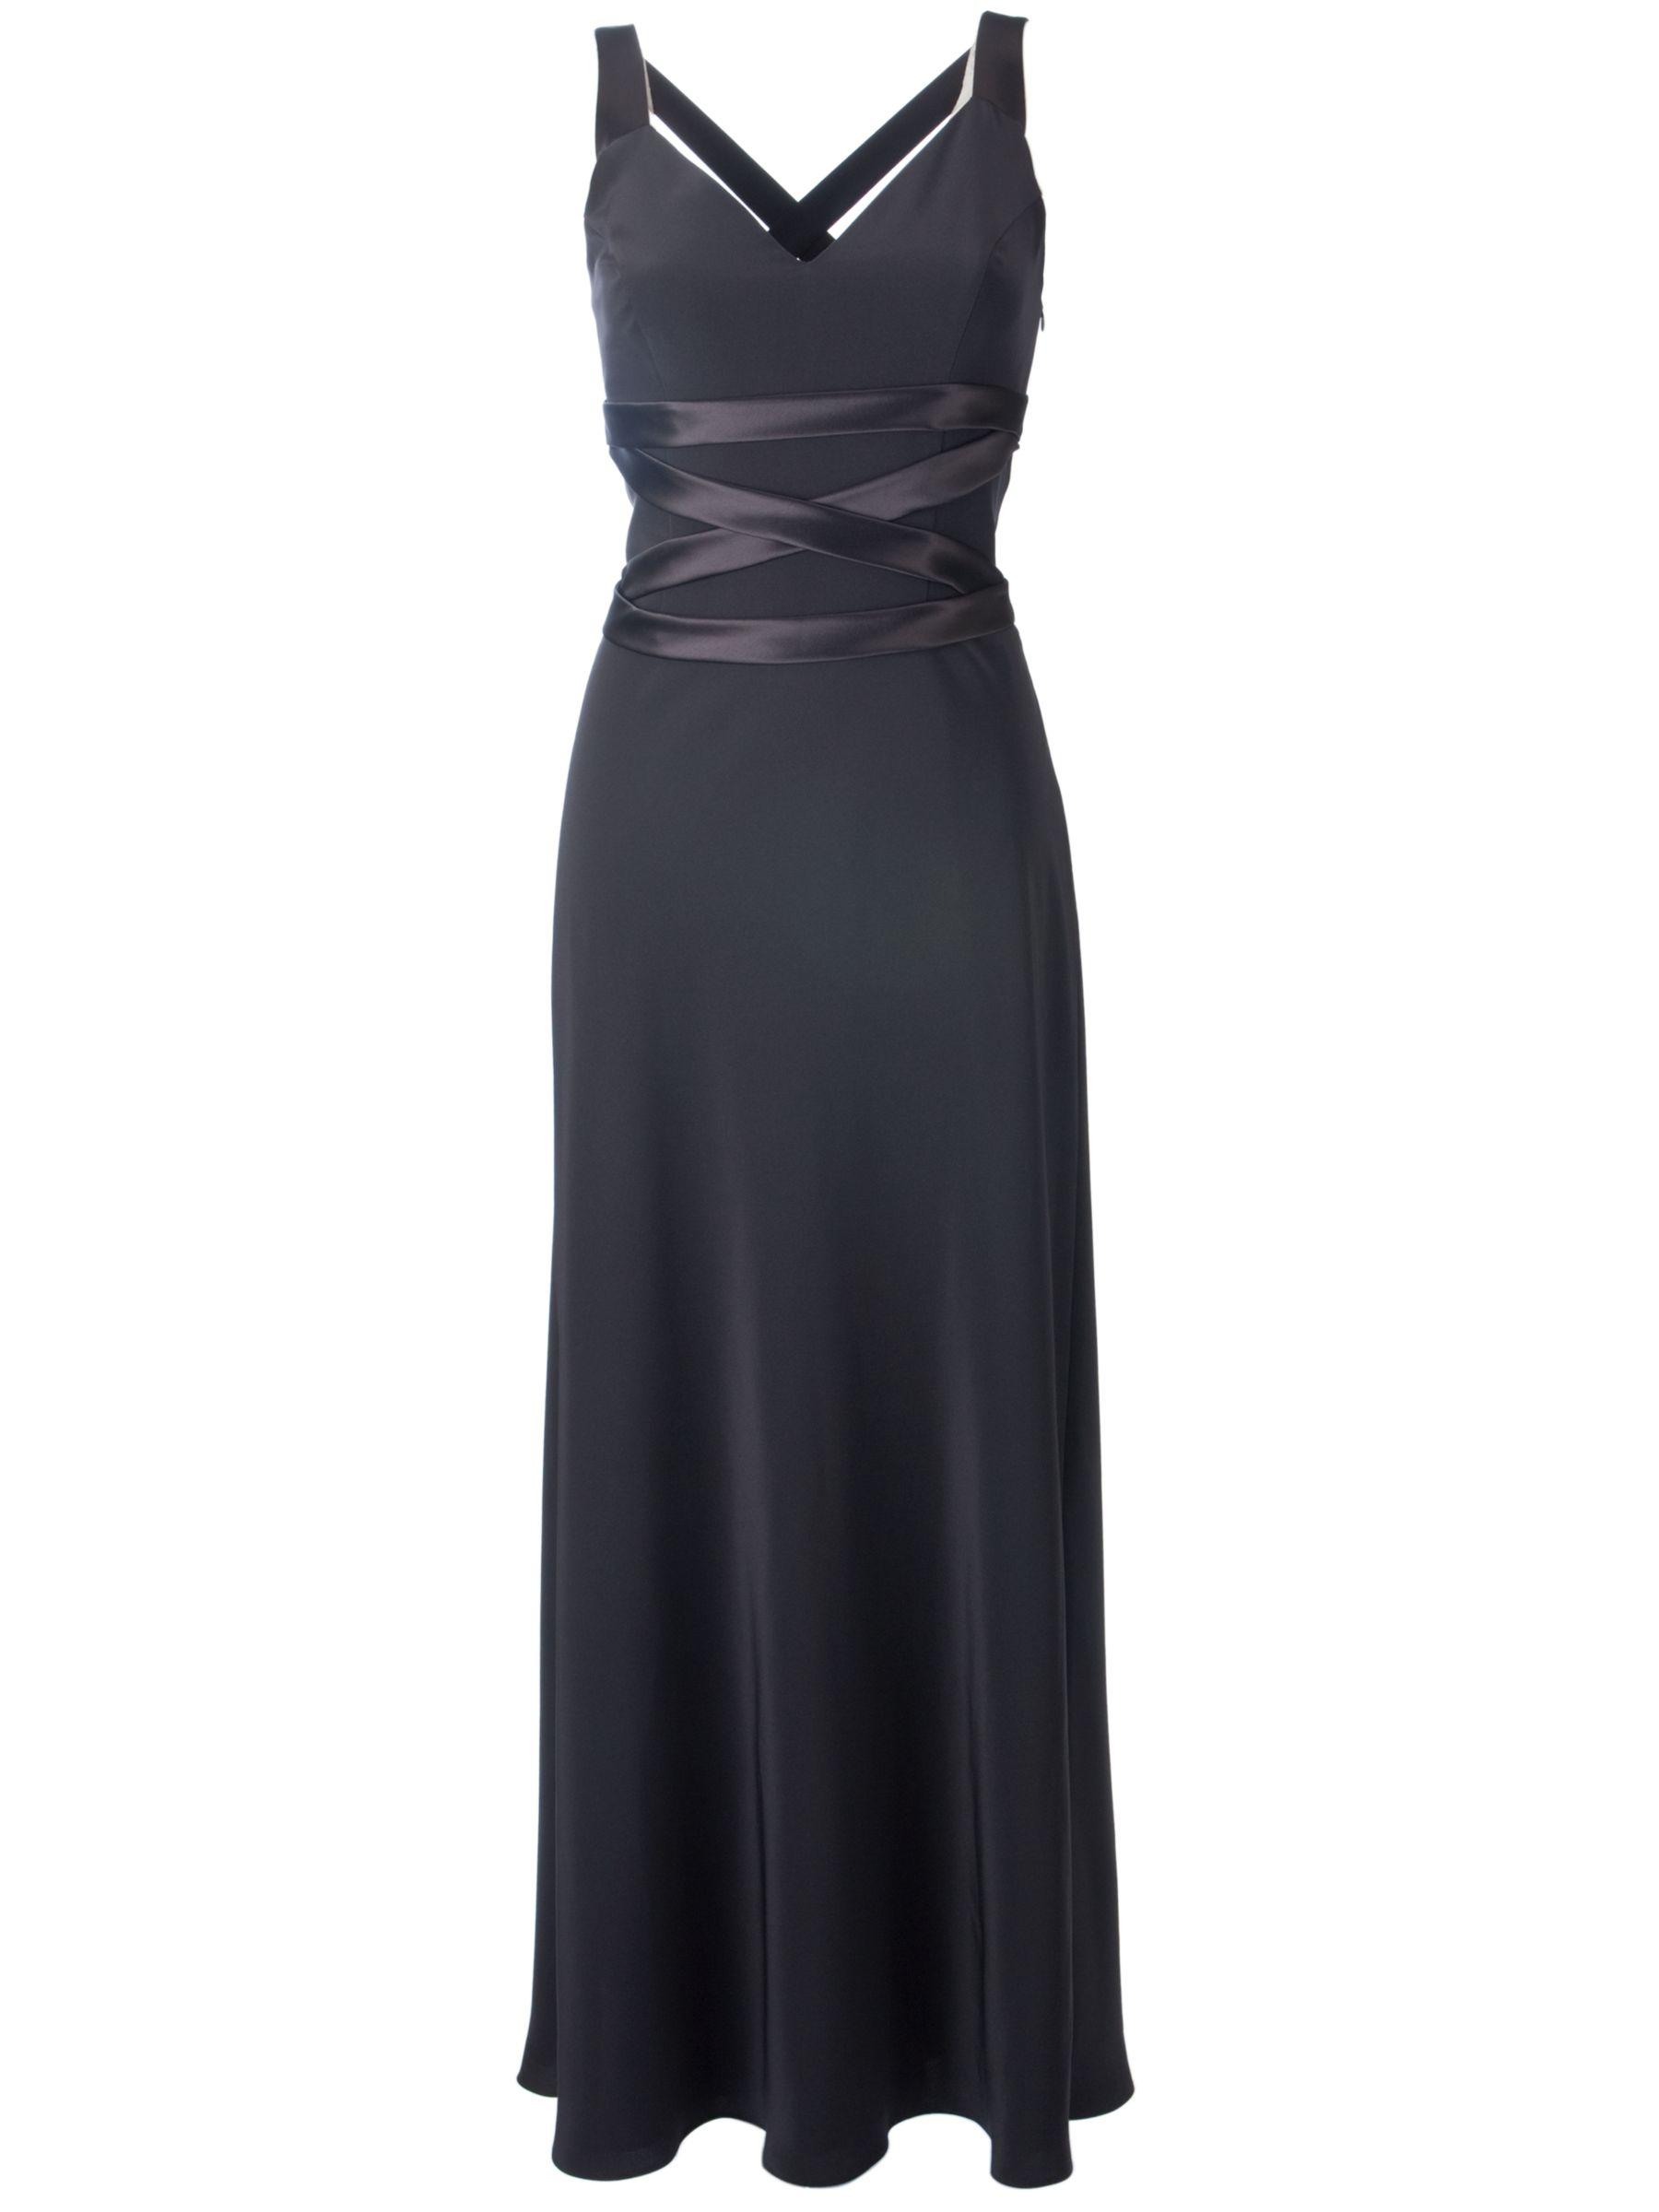 John Lewis Women Satin Crepe Strap Detail Long Dress, Black at John Lewis